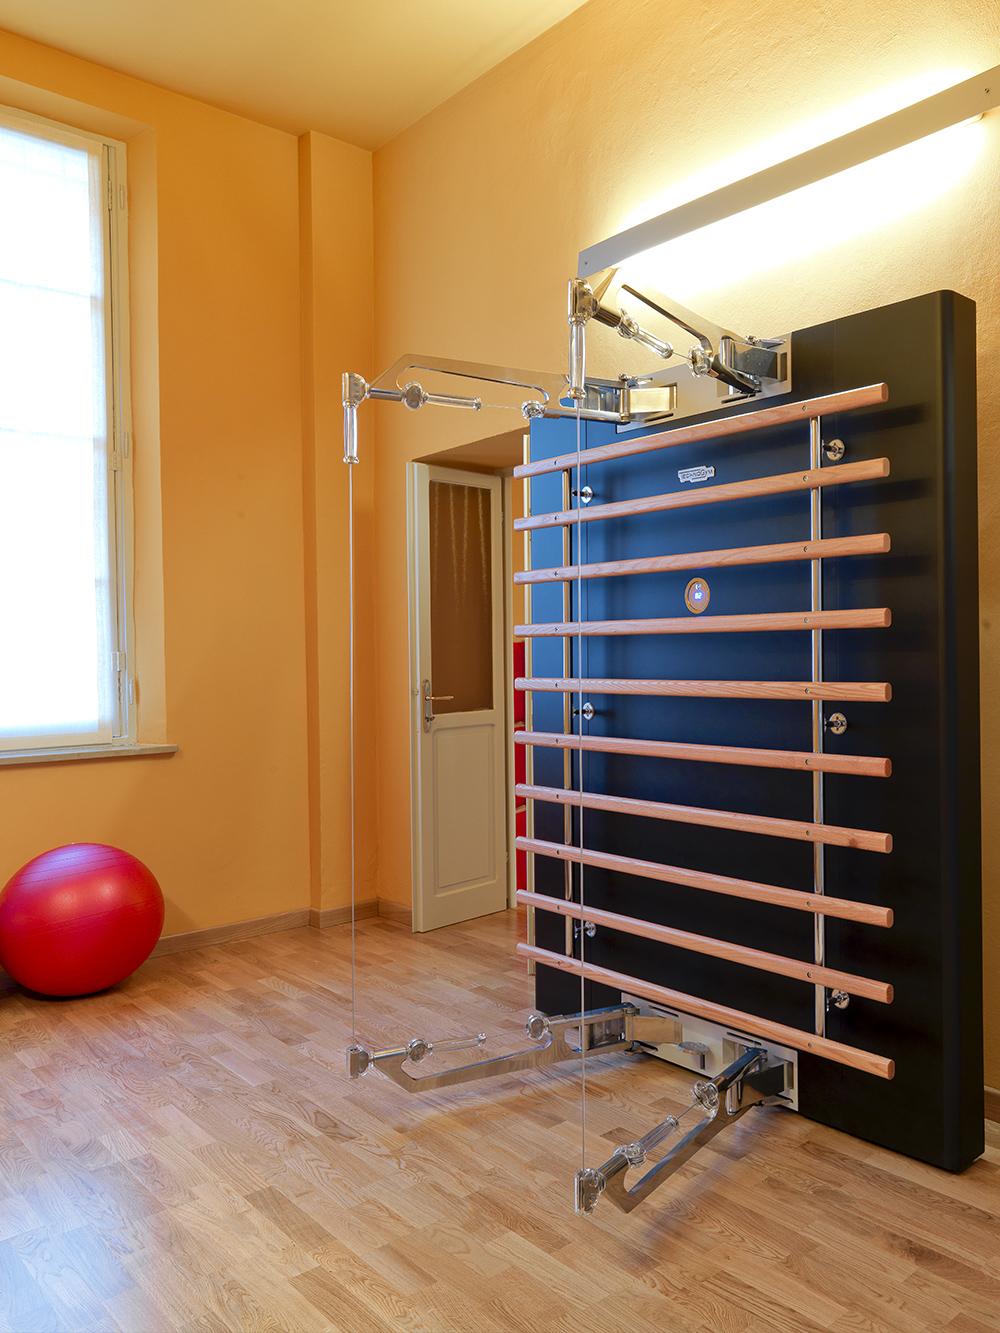 Le macchine che si possono trovare nello Studio di posturologia di FisiLabor sono specifiche per obiettivi rieducativi, funzionali, posturali e di chinesiologia.